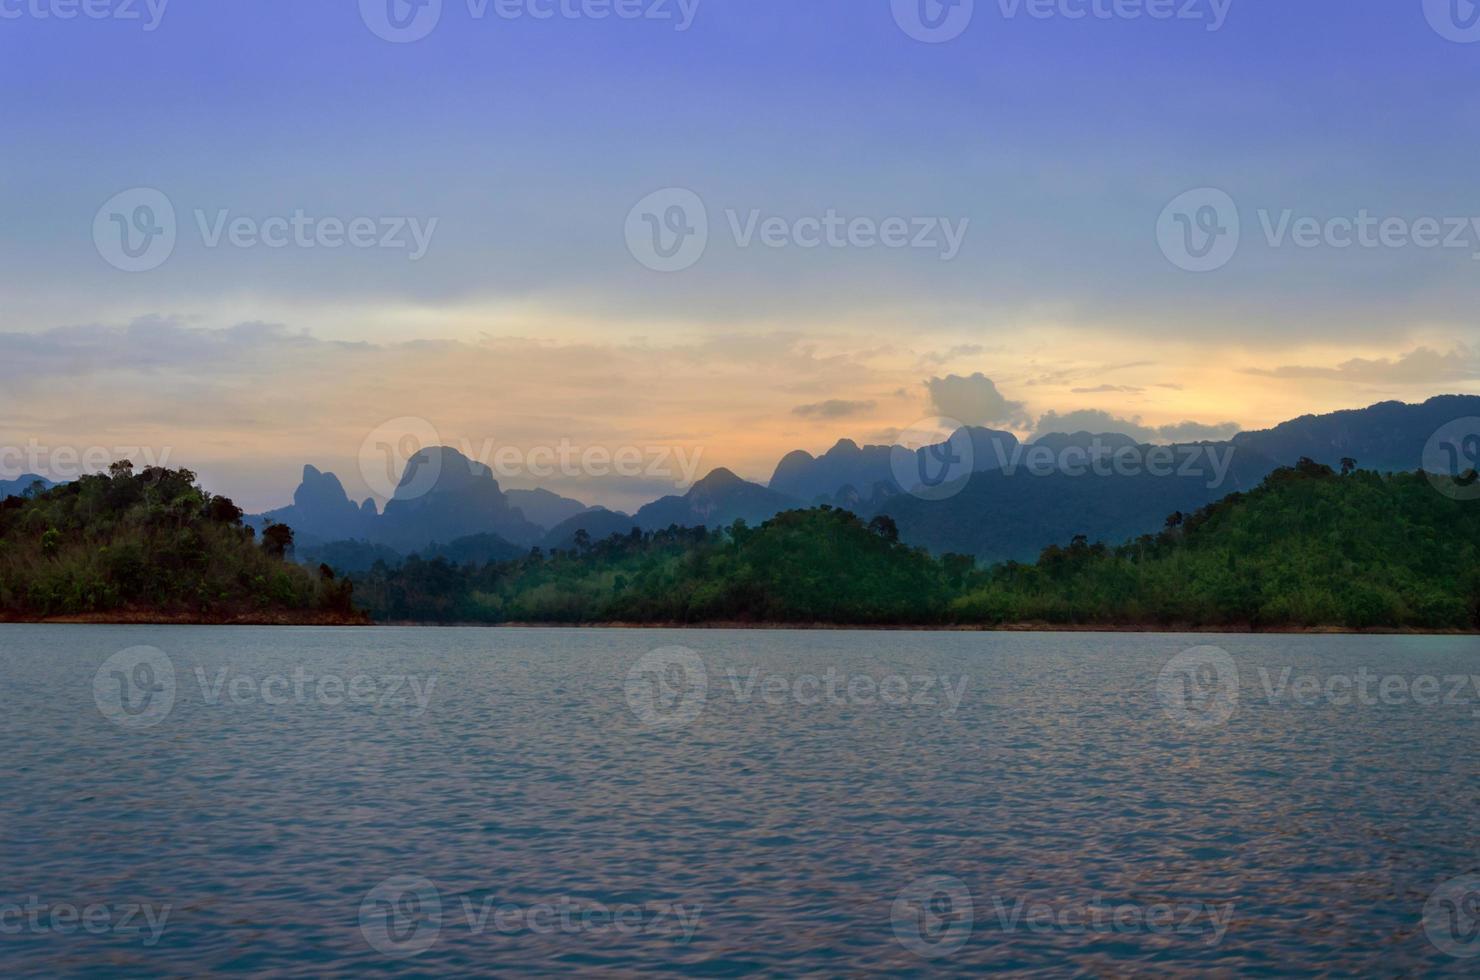 montañas y atracciones naturales del río presa de ratchaprapha, surat foto